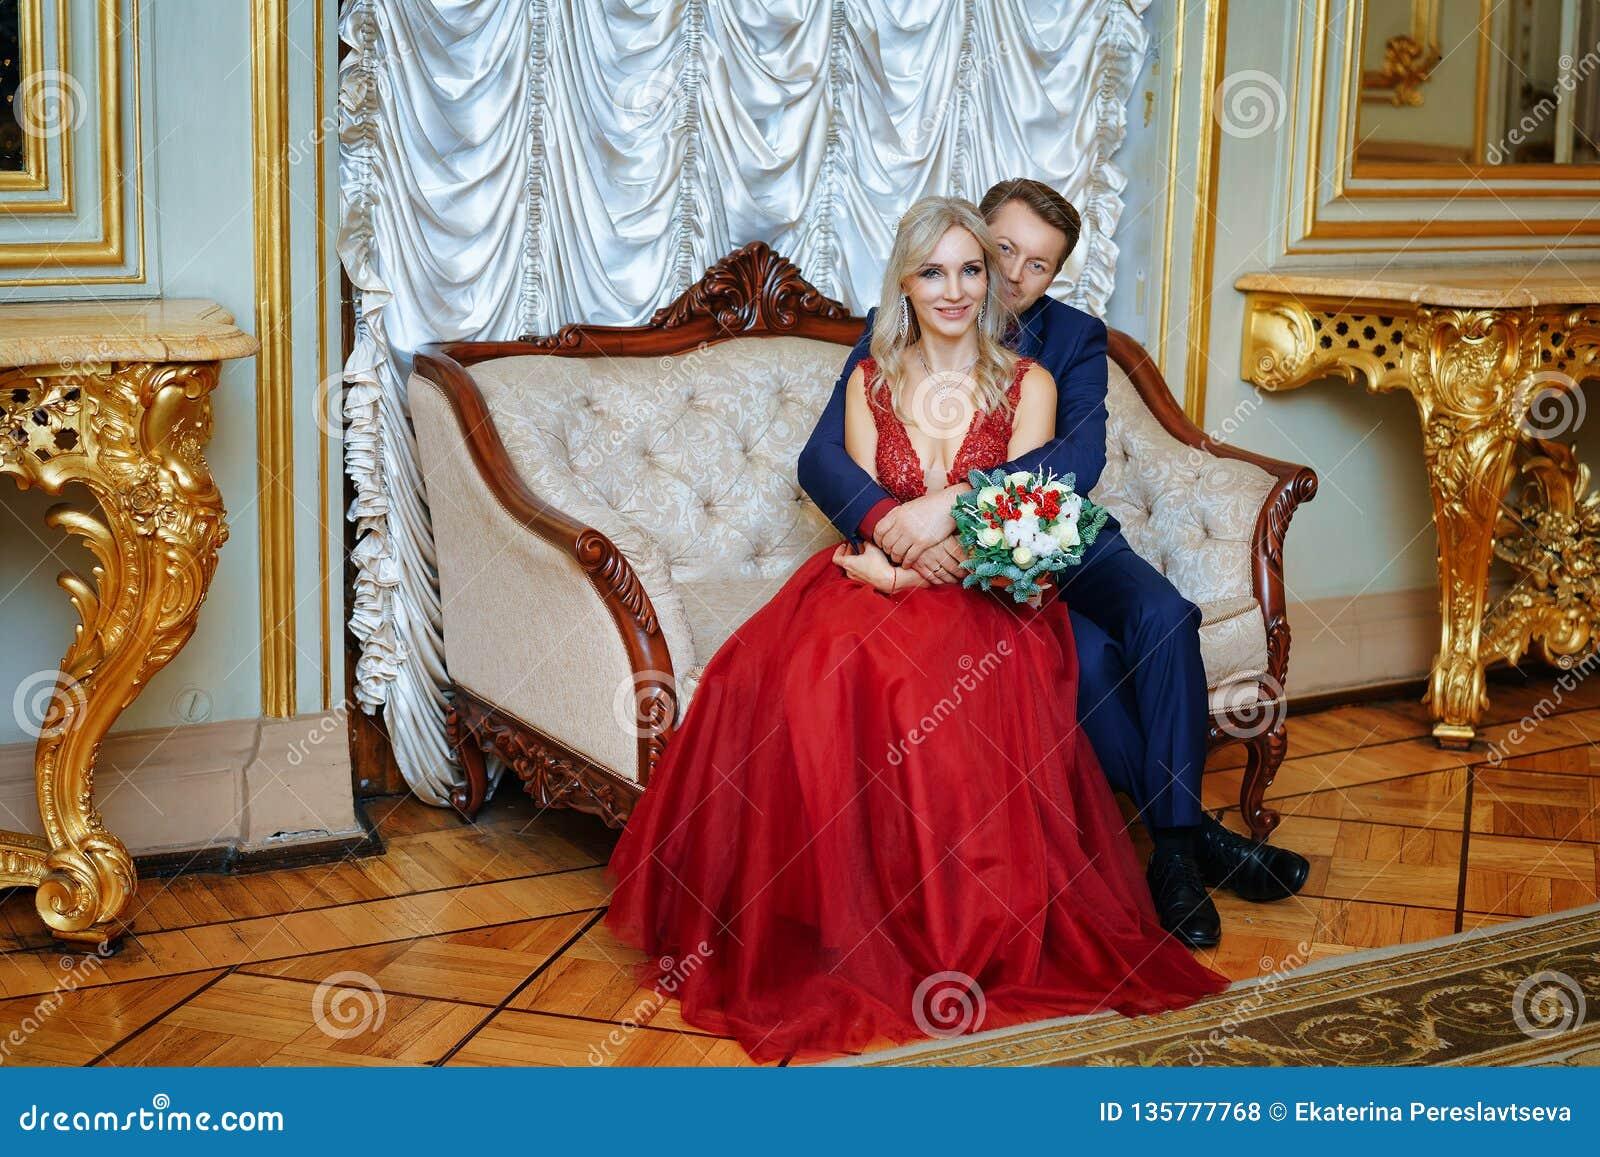 Piękna kobieta w czerwonej sukni z mężczyzny obsiadaniem w krześle państwo młodzi, szczęśliwi nowożeńcy